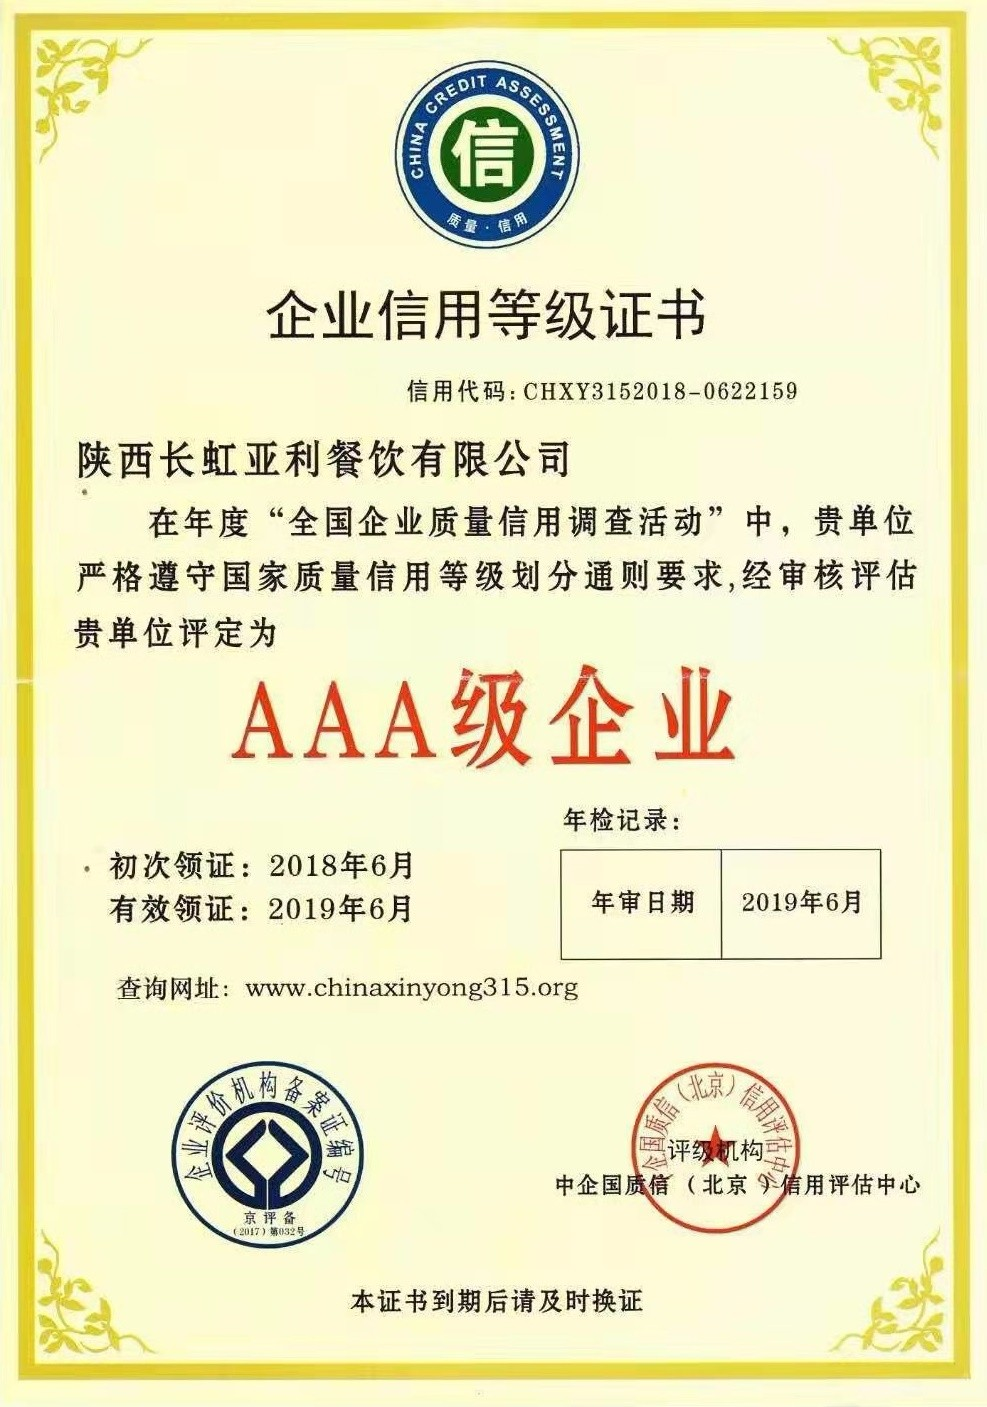 AAA企業.jpg